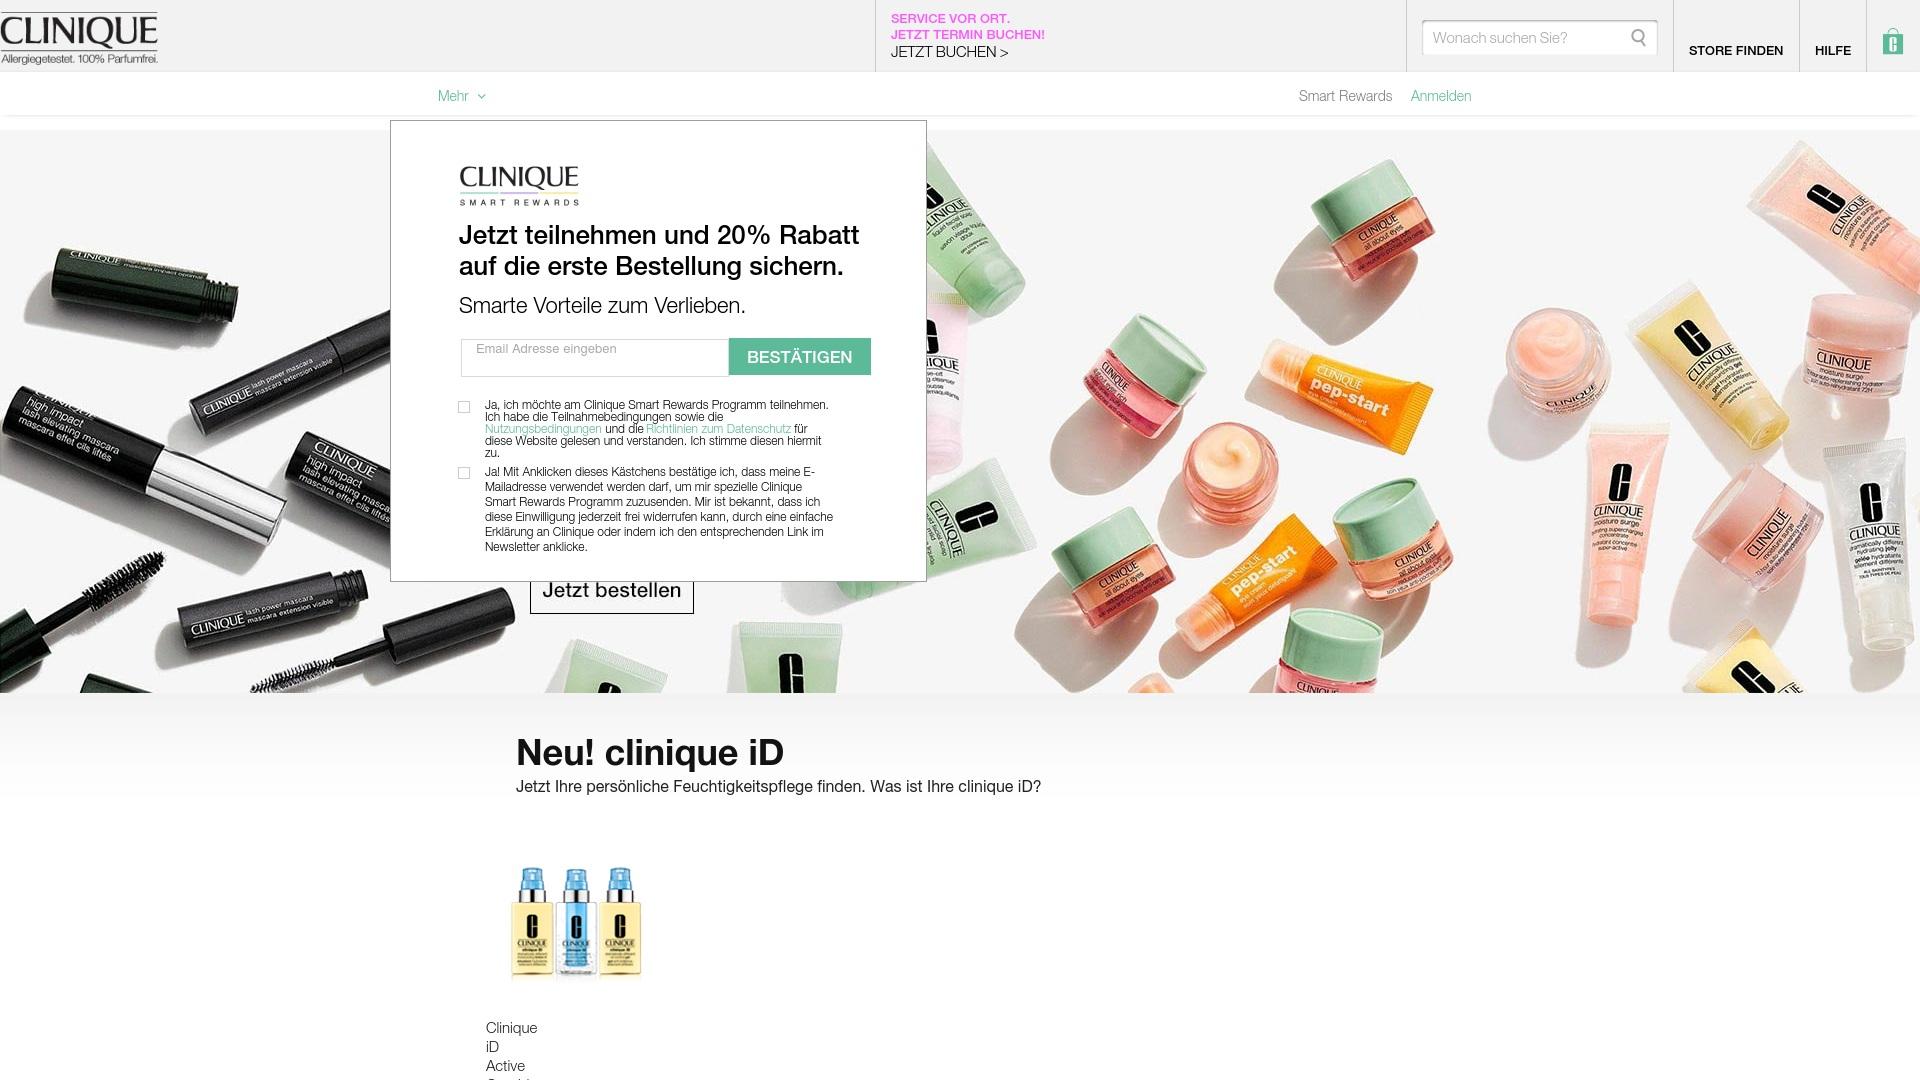 Gutschein für Clinique: Rabatte für  Clinique sichern